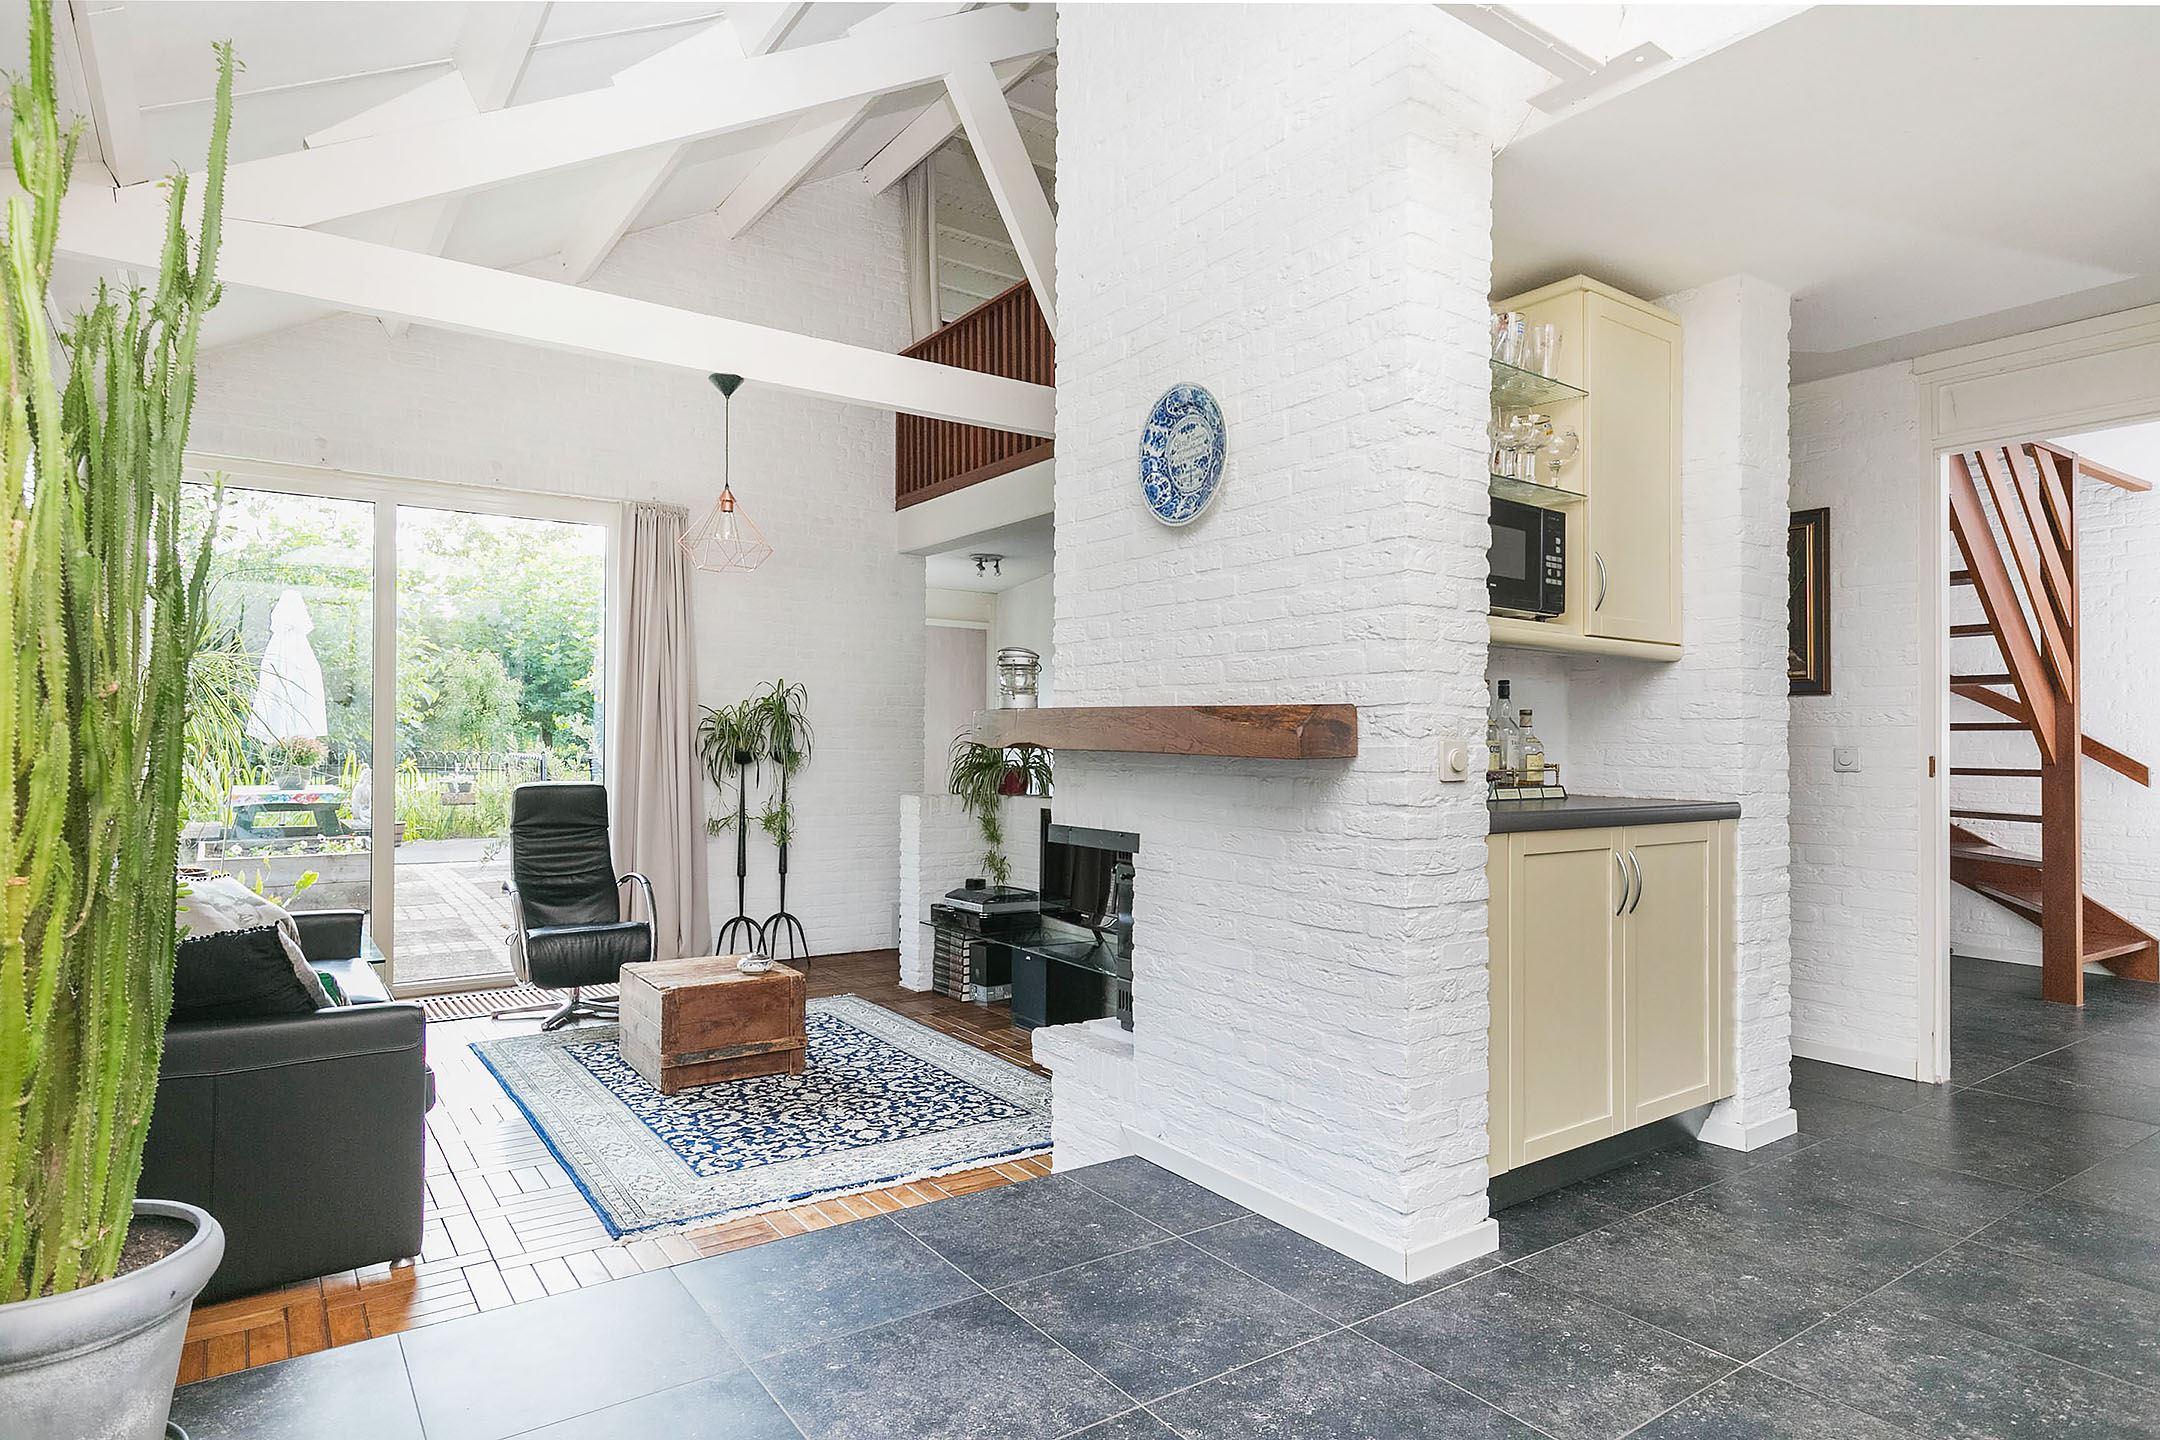 Huis te koop: gouverneurslaan 6 4931 xw geertruidenberg [funda]